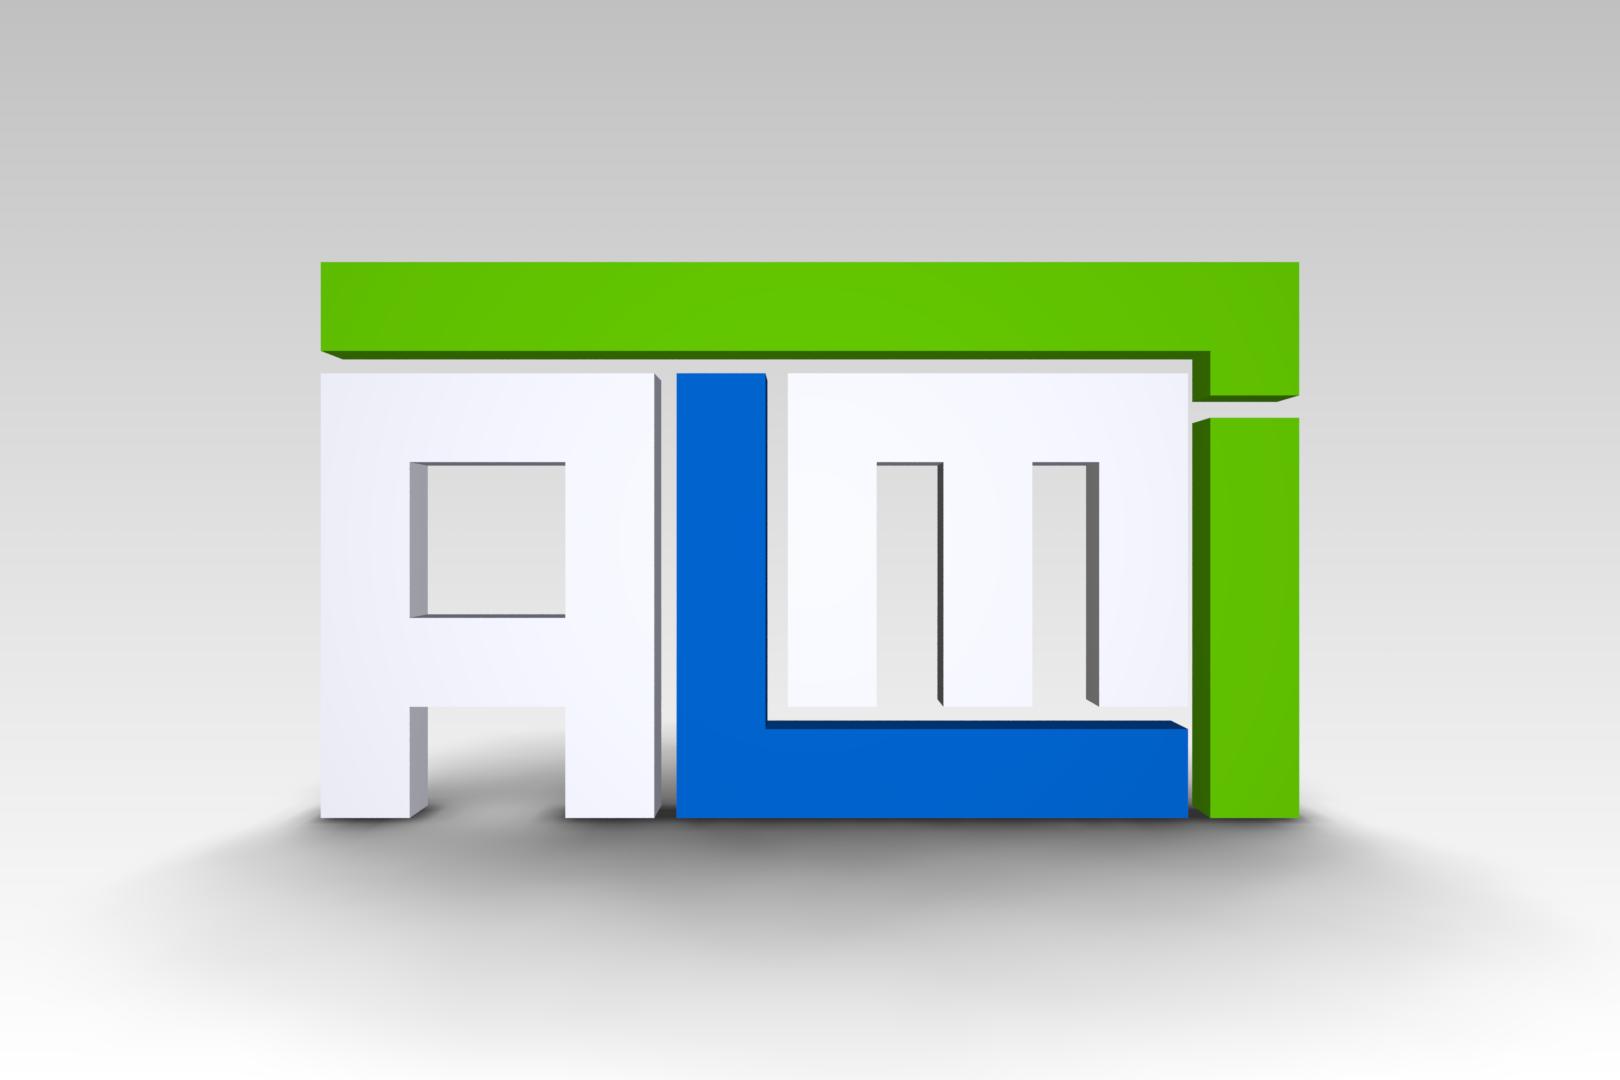 Разработка логотипа и фона фото f_5605990031eb466a.png